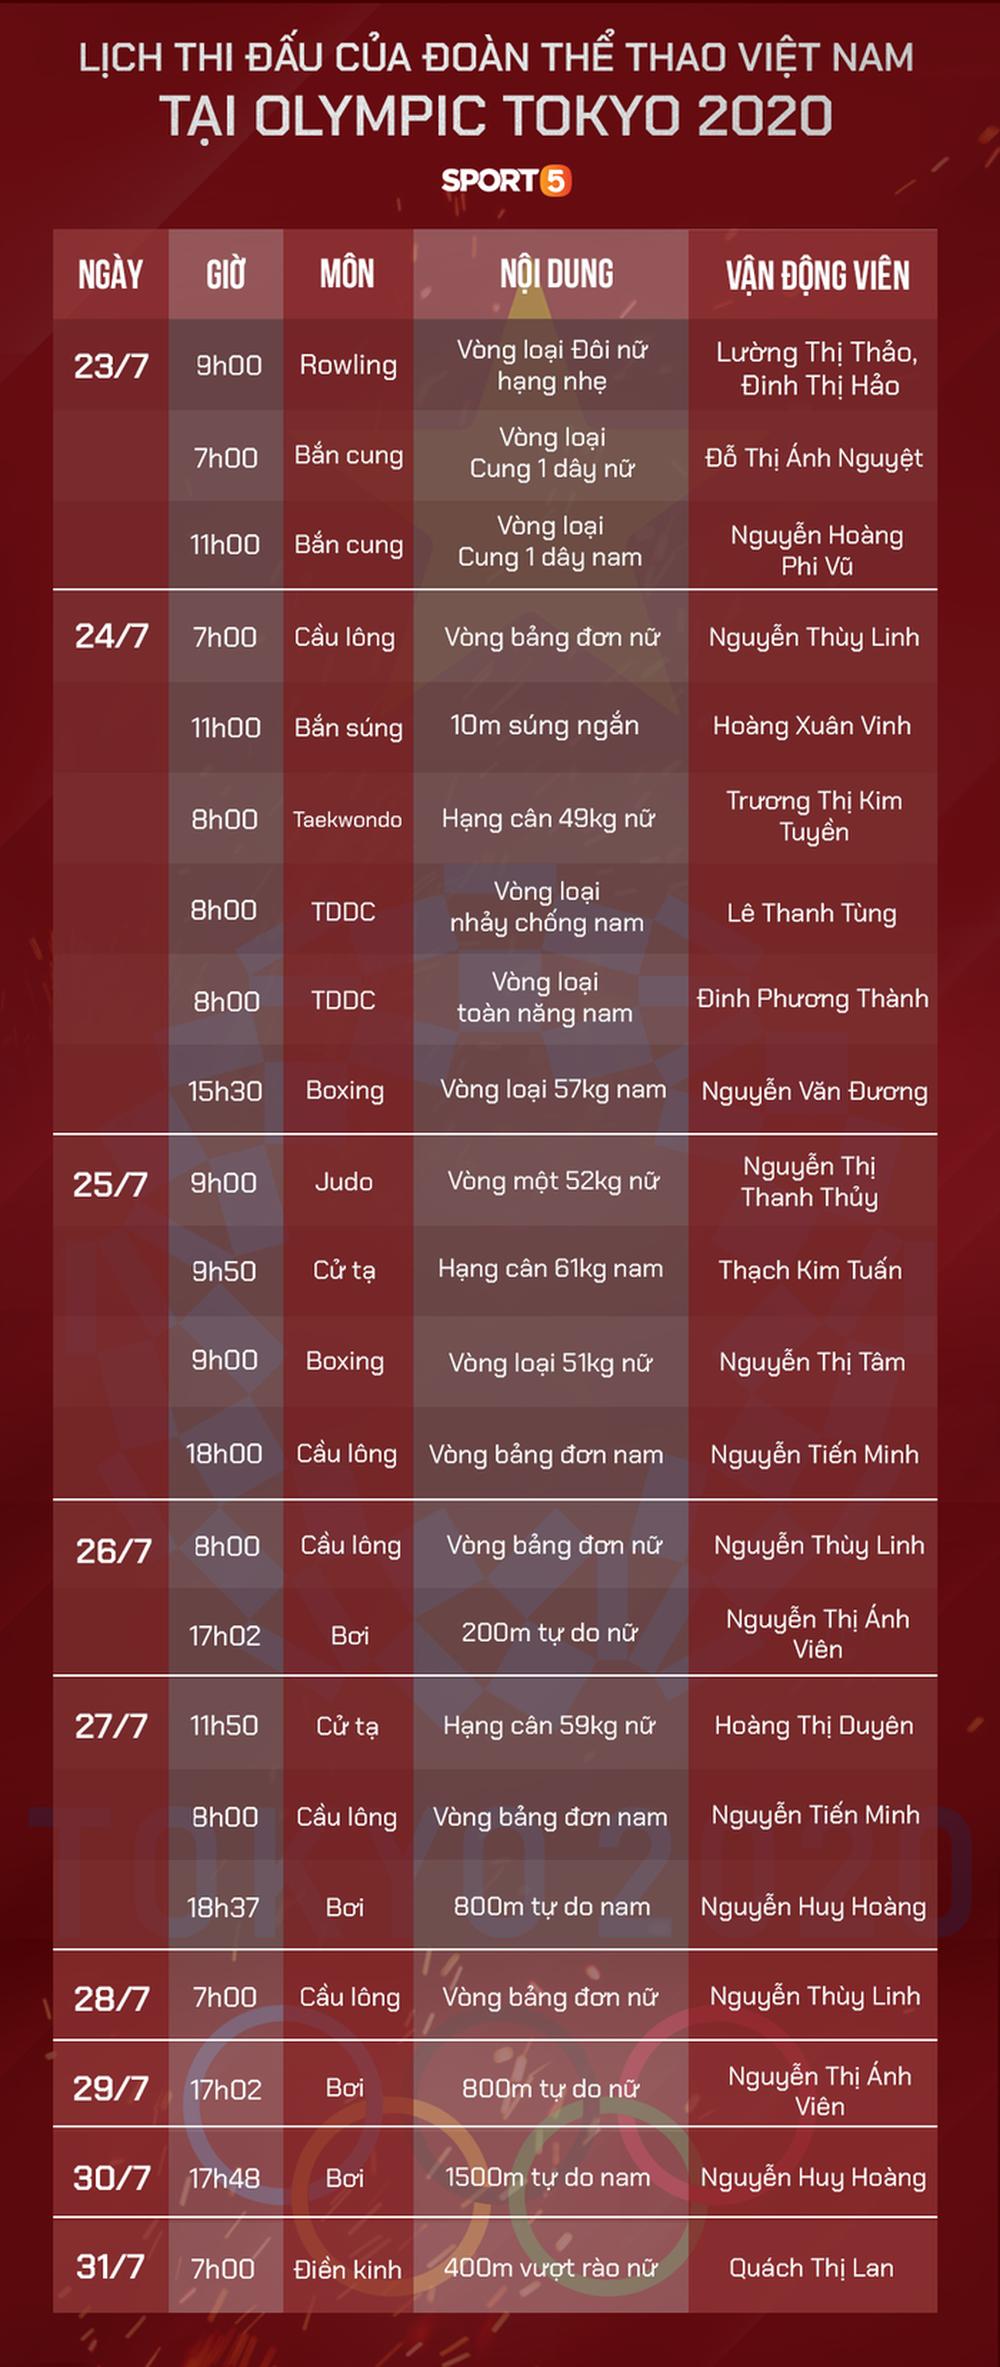 Võ sĩ boxing Việt Nam và Thái Lan rủ nhau đấu tập ở làng VĐV Olympic Tokyo 2020 - Ảnh 5.